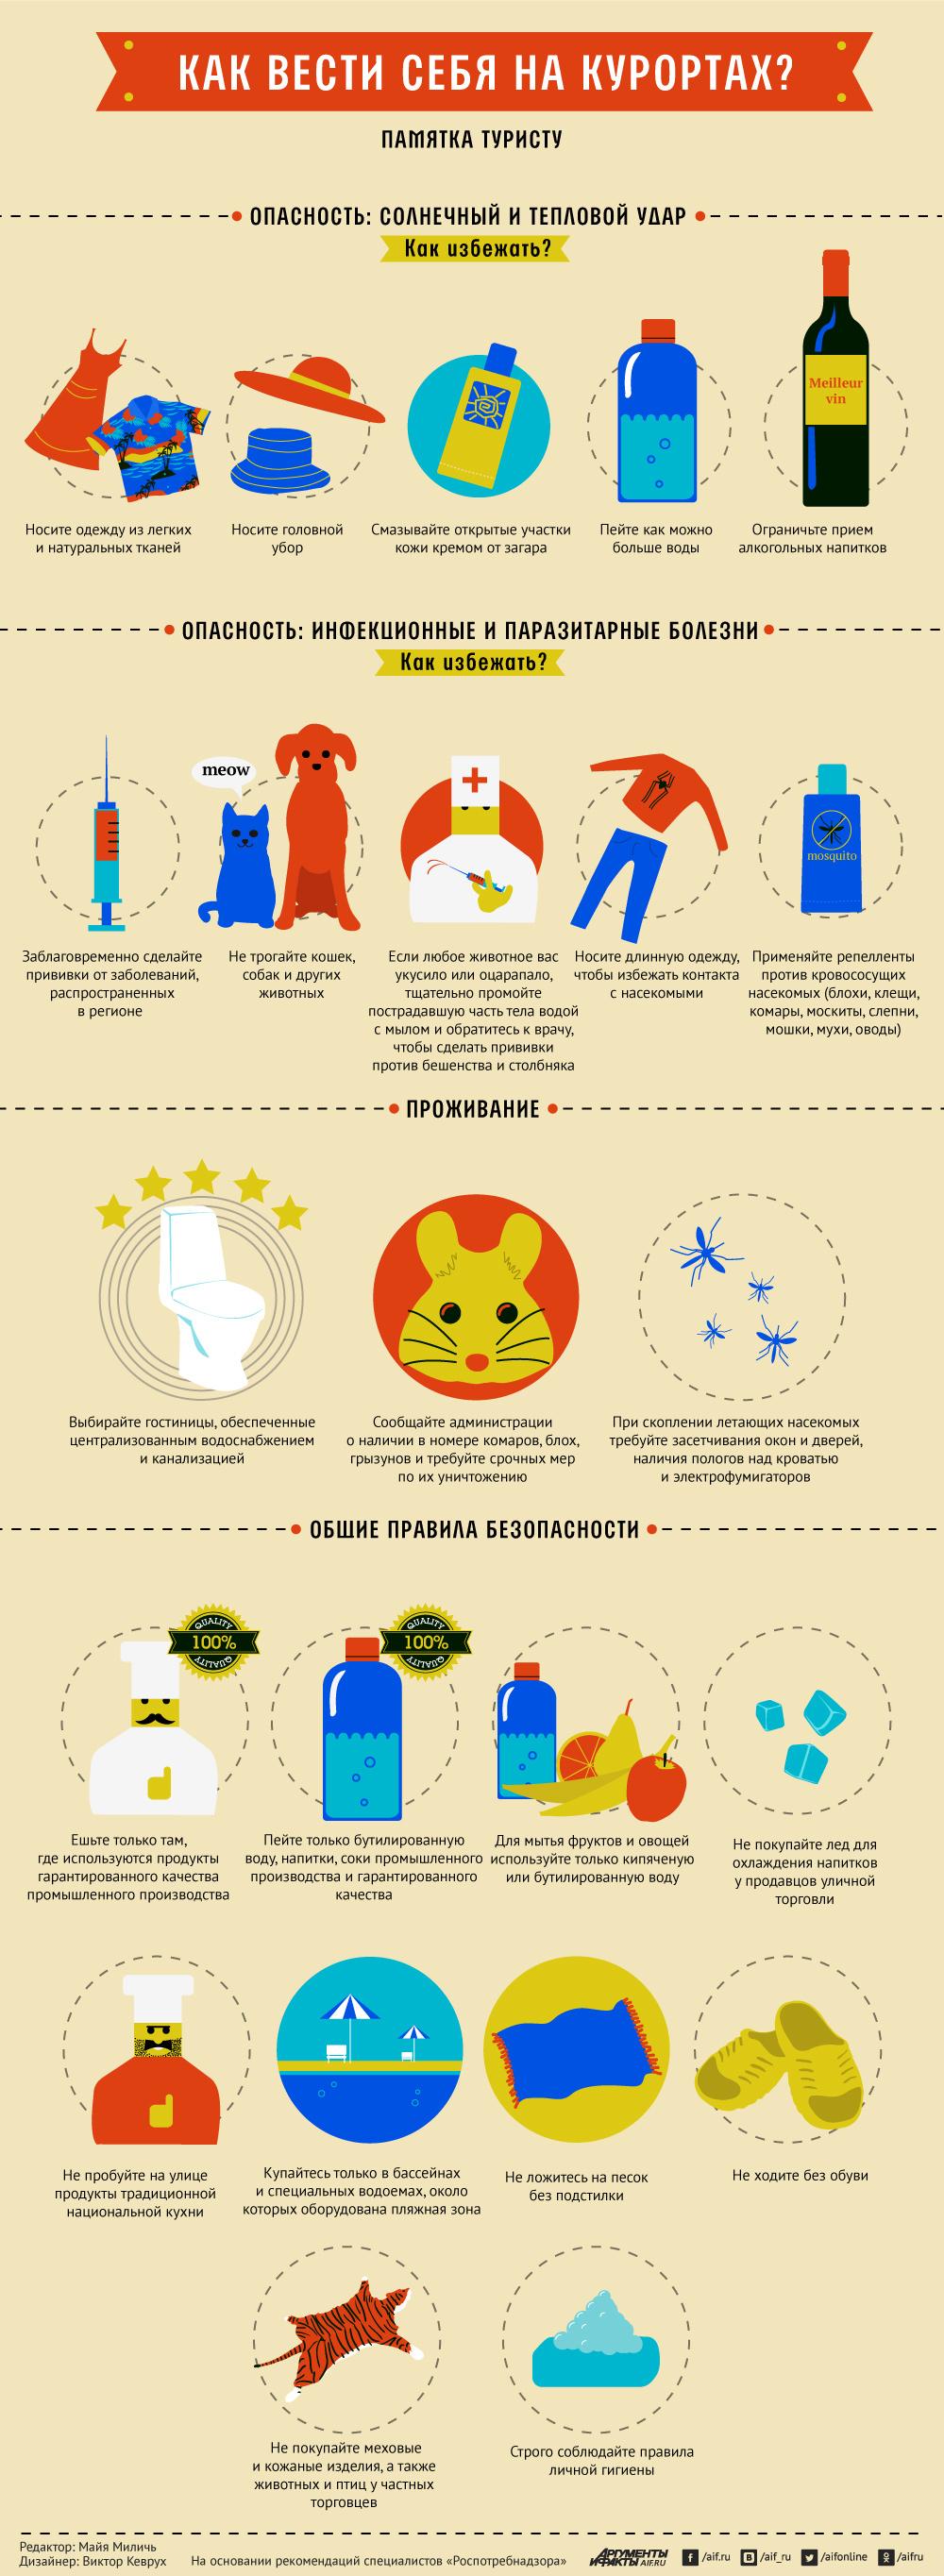 Рекомендации по сохранению здоровья в туристических поездках